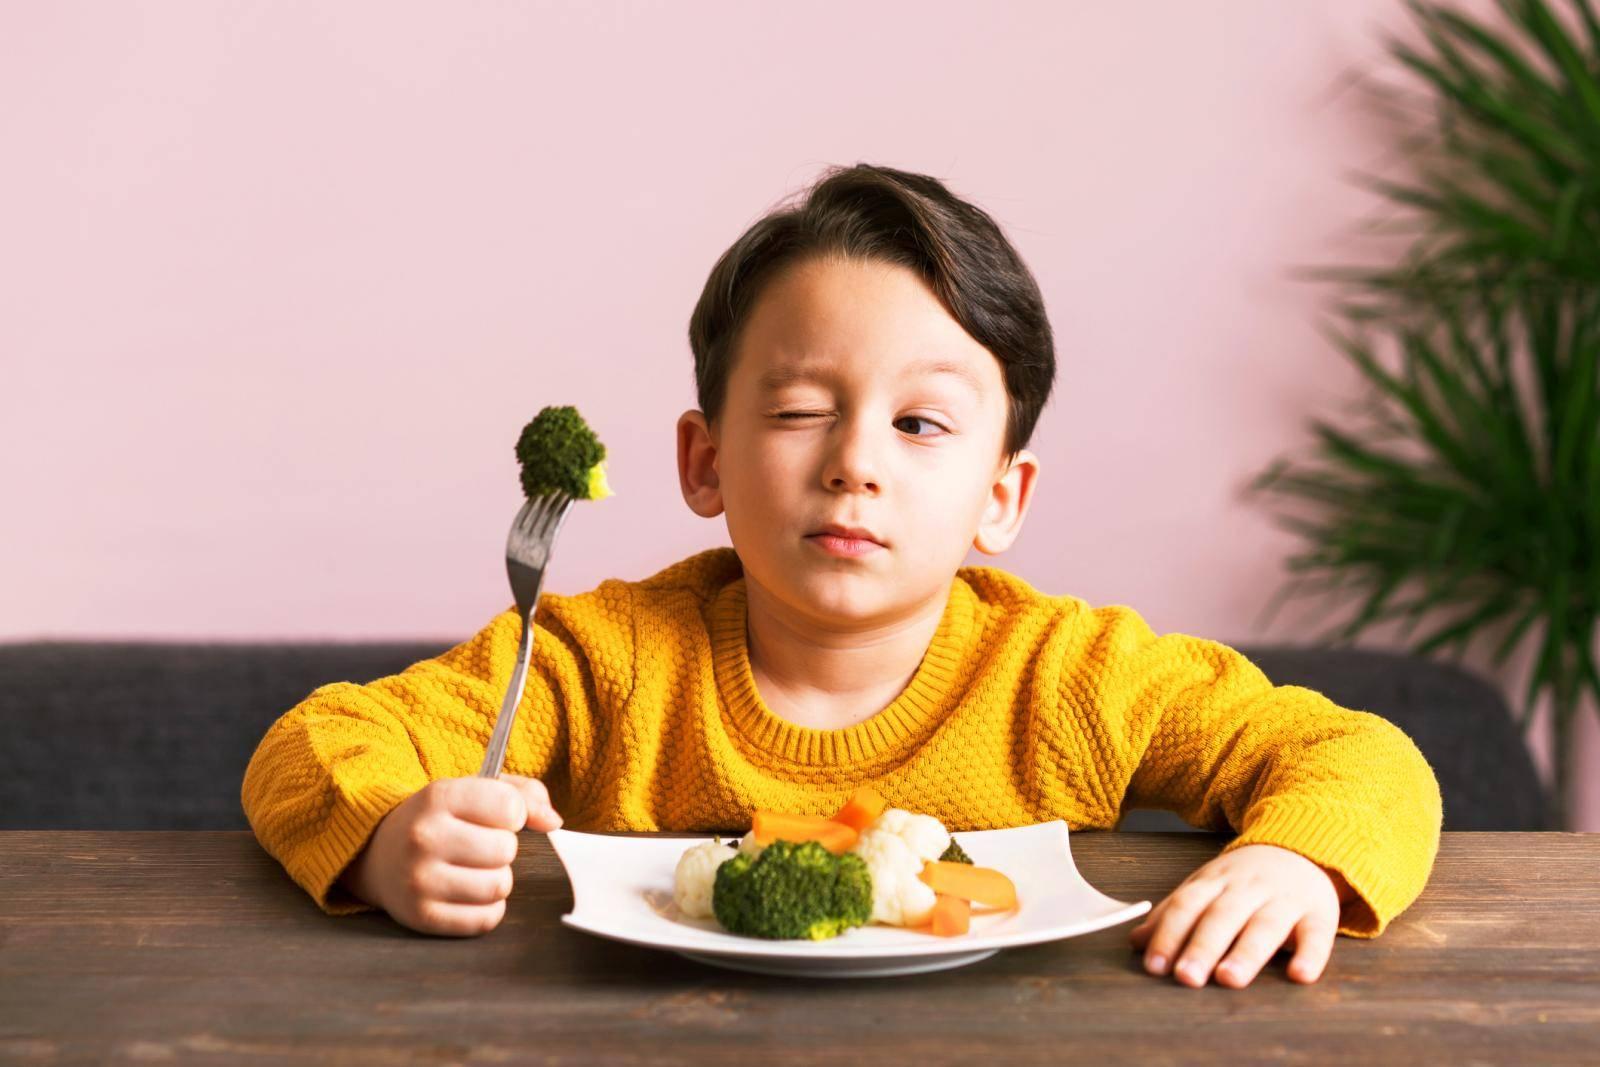 რომელი საკვები ნივთიერებები უნდა მიიღოს ბავშვმა აუცილებლად?